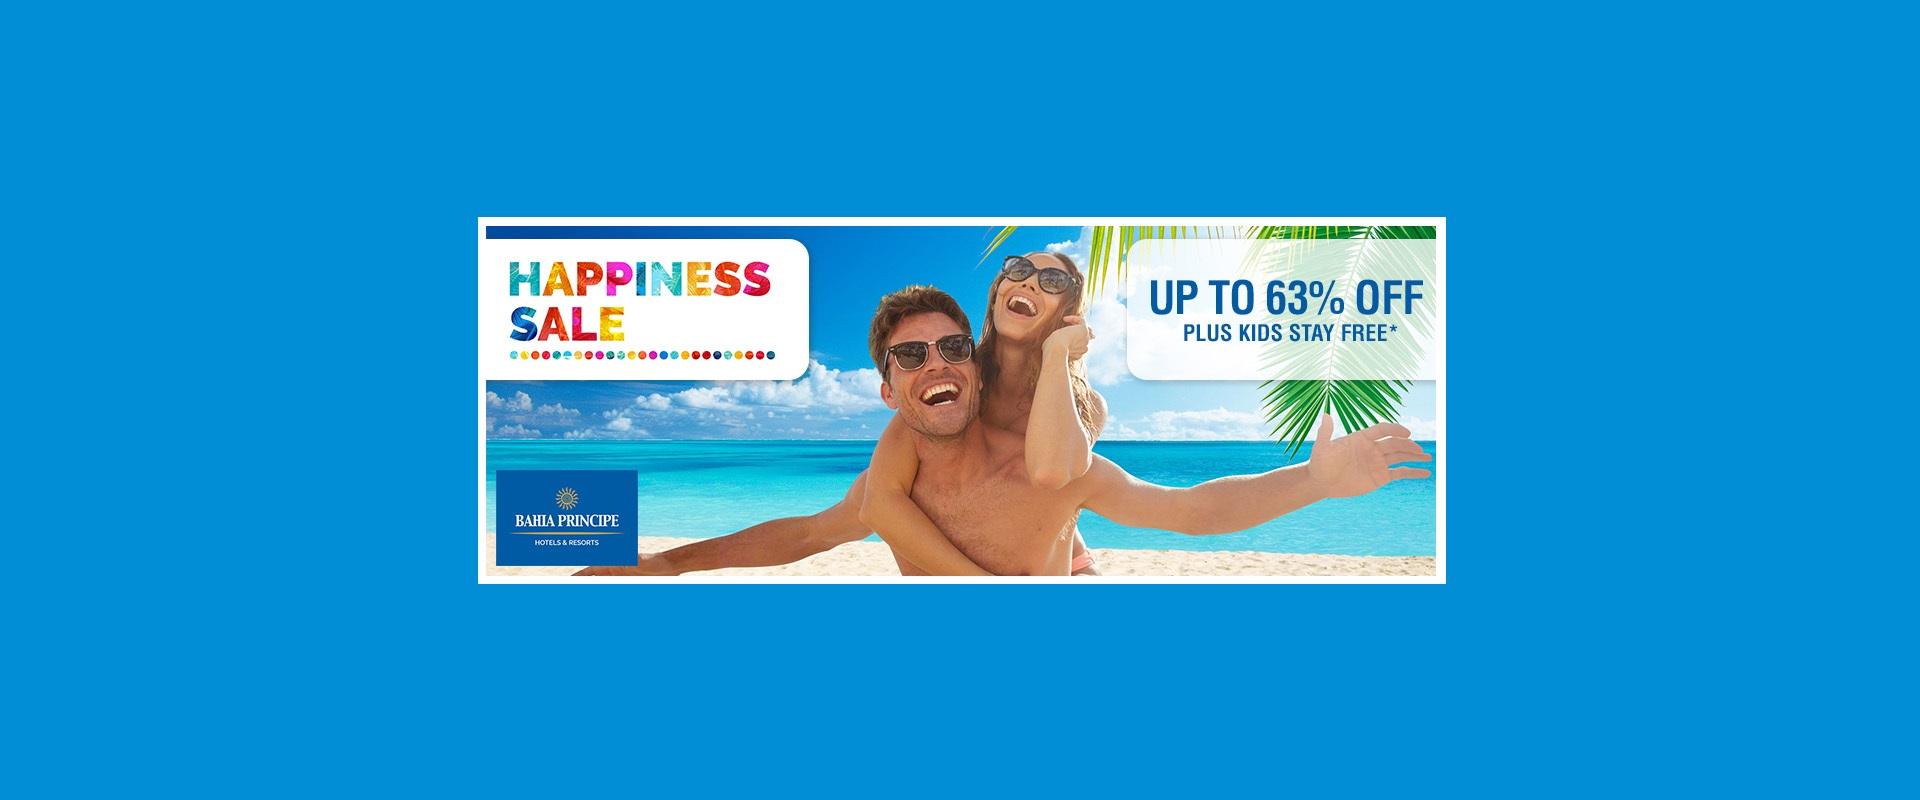 Bahia-Principe-Happiness-Sale-Banner